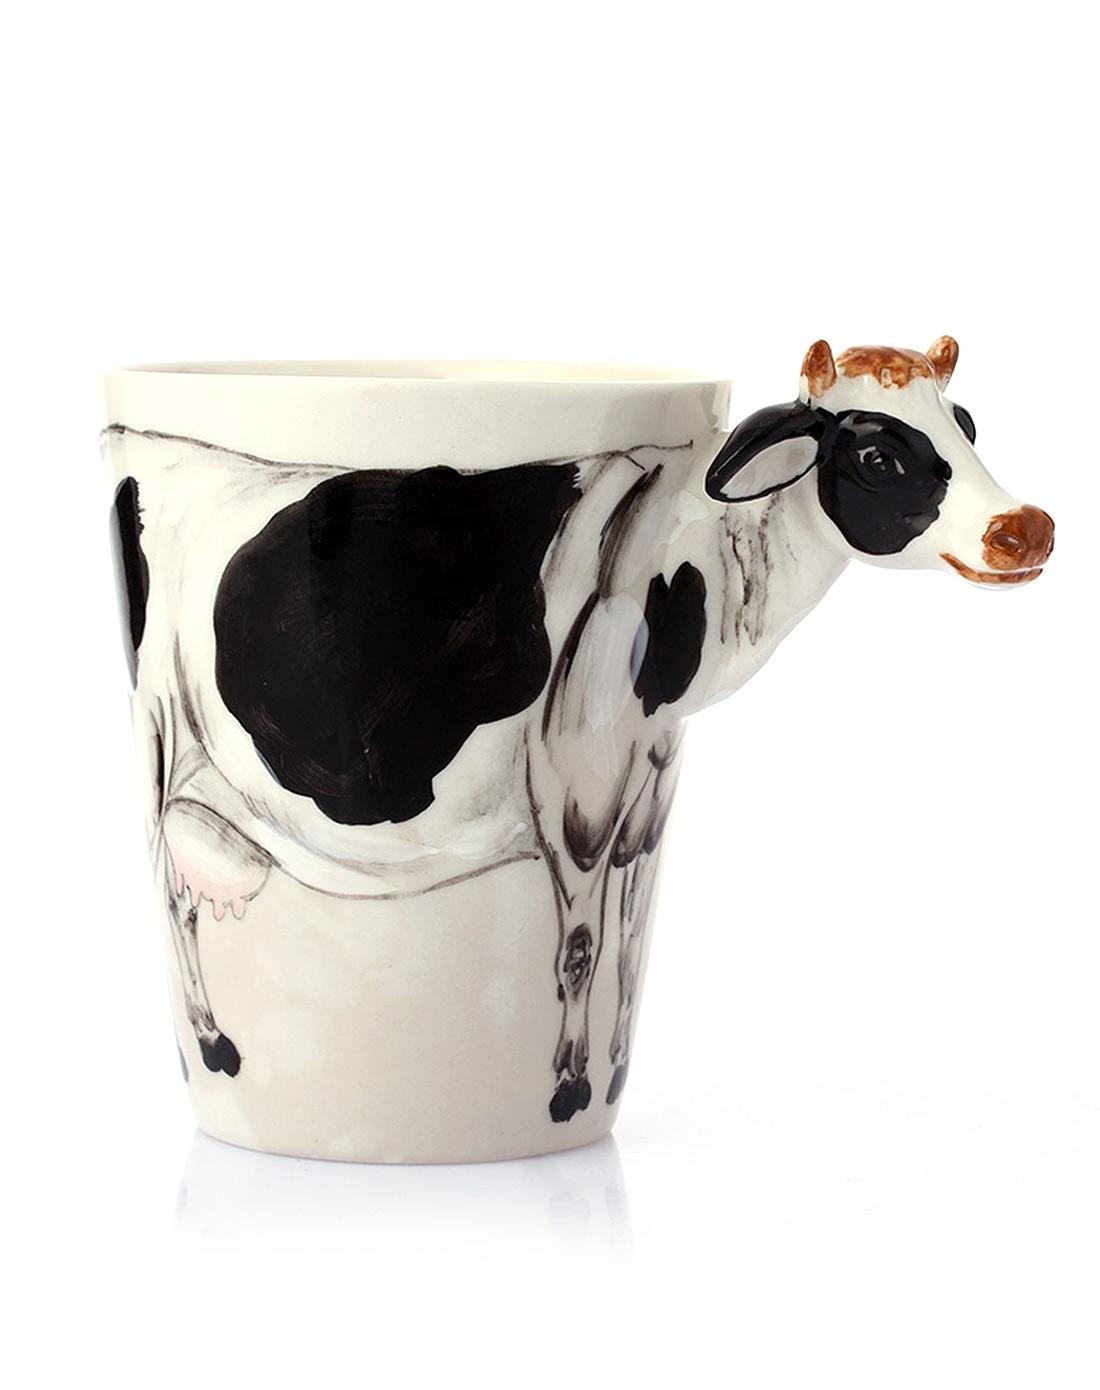 趣玩创意(奶牛款)3d立体纯手绘动物杯42823